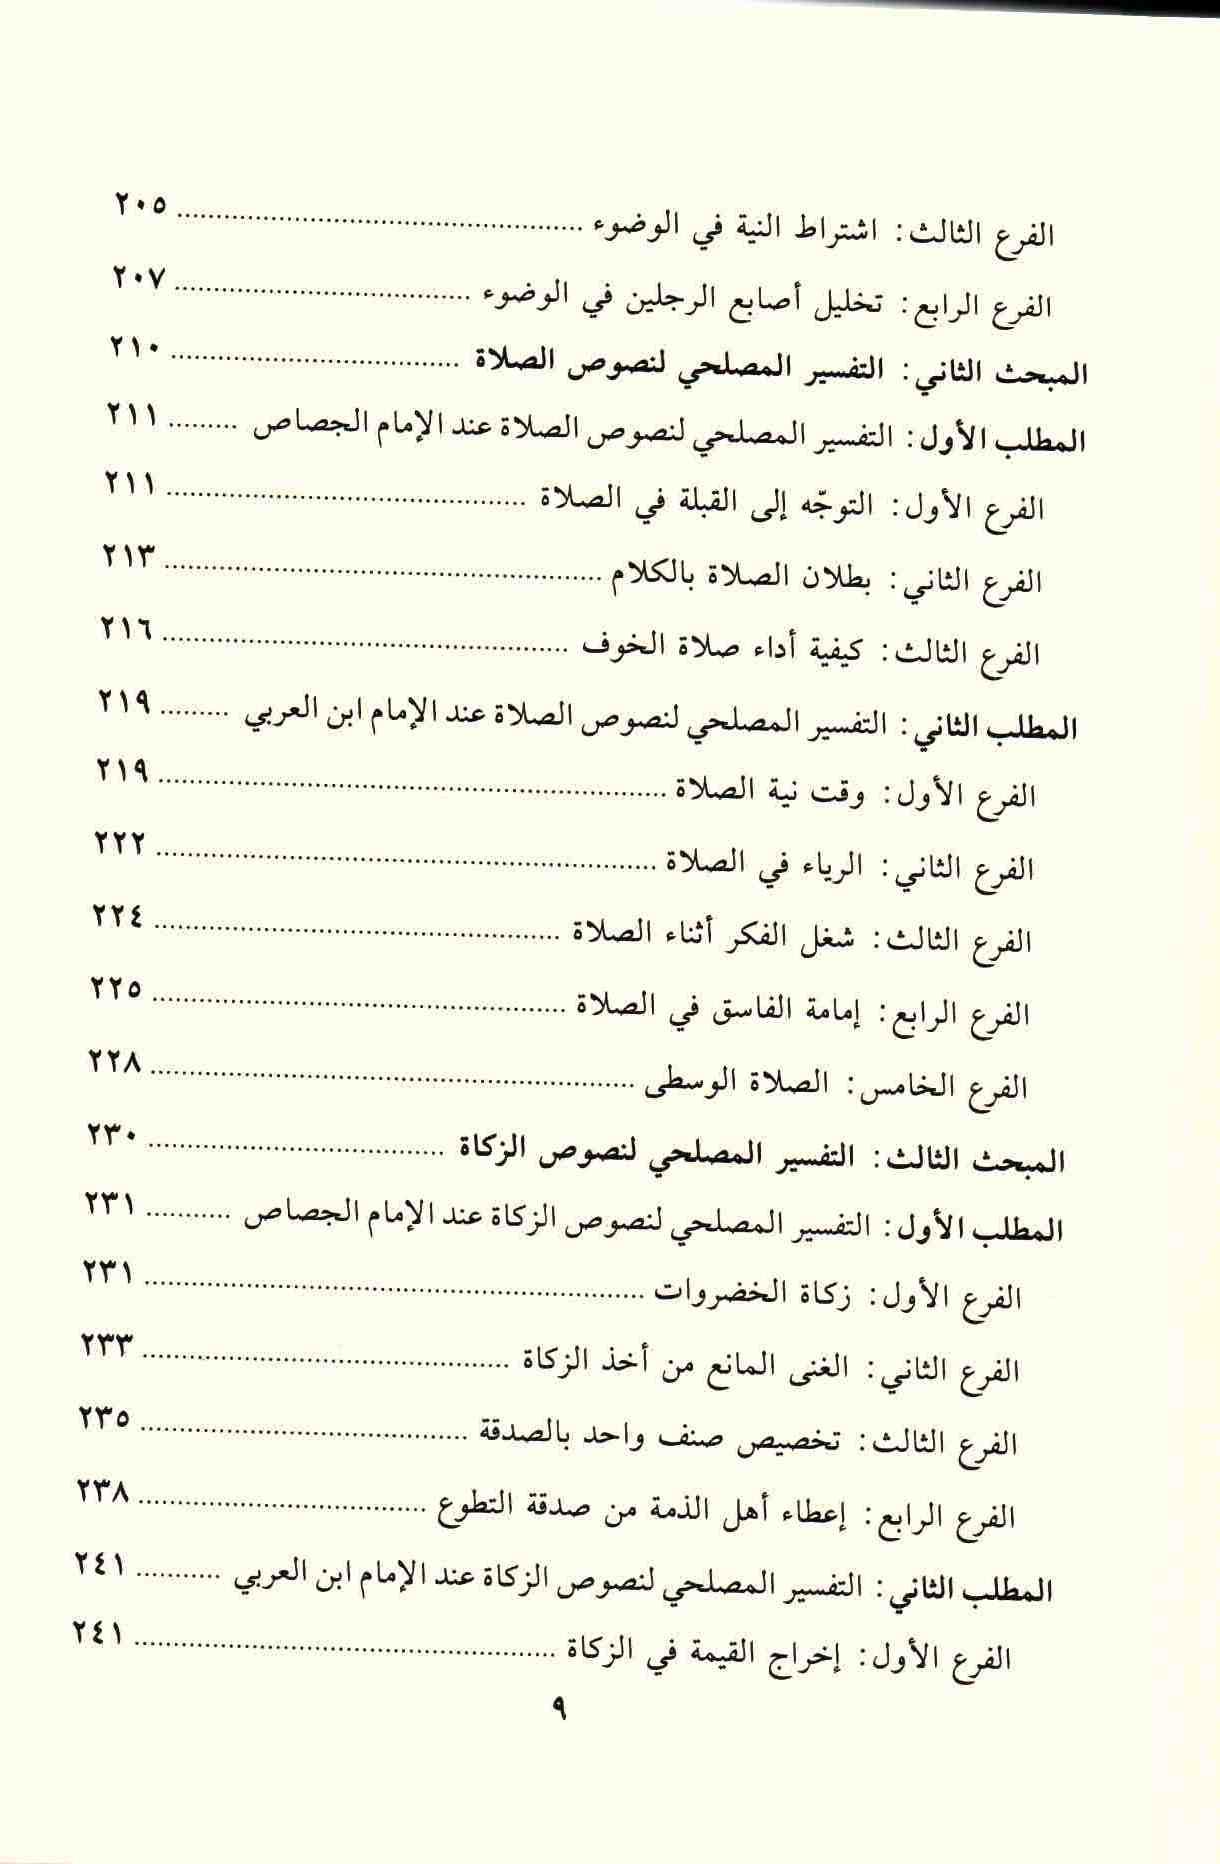 ص9محتويات كتاب التفسير المصلحي